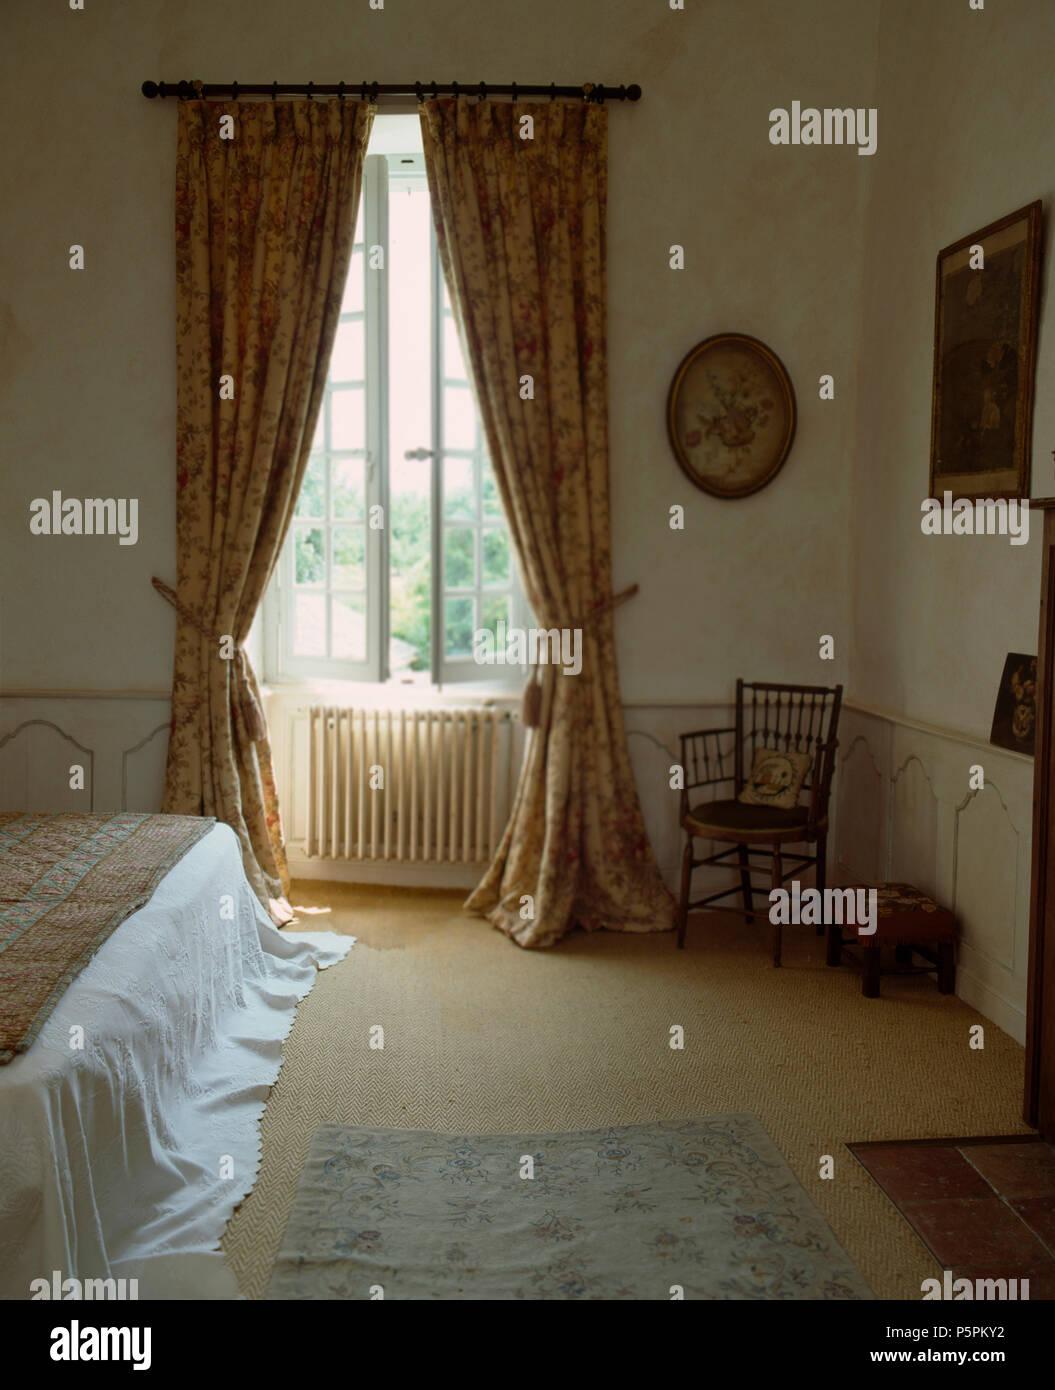 Schwere Vorhange Am Fenster Offnen Im Franzosischen Landhausstil